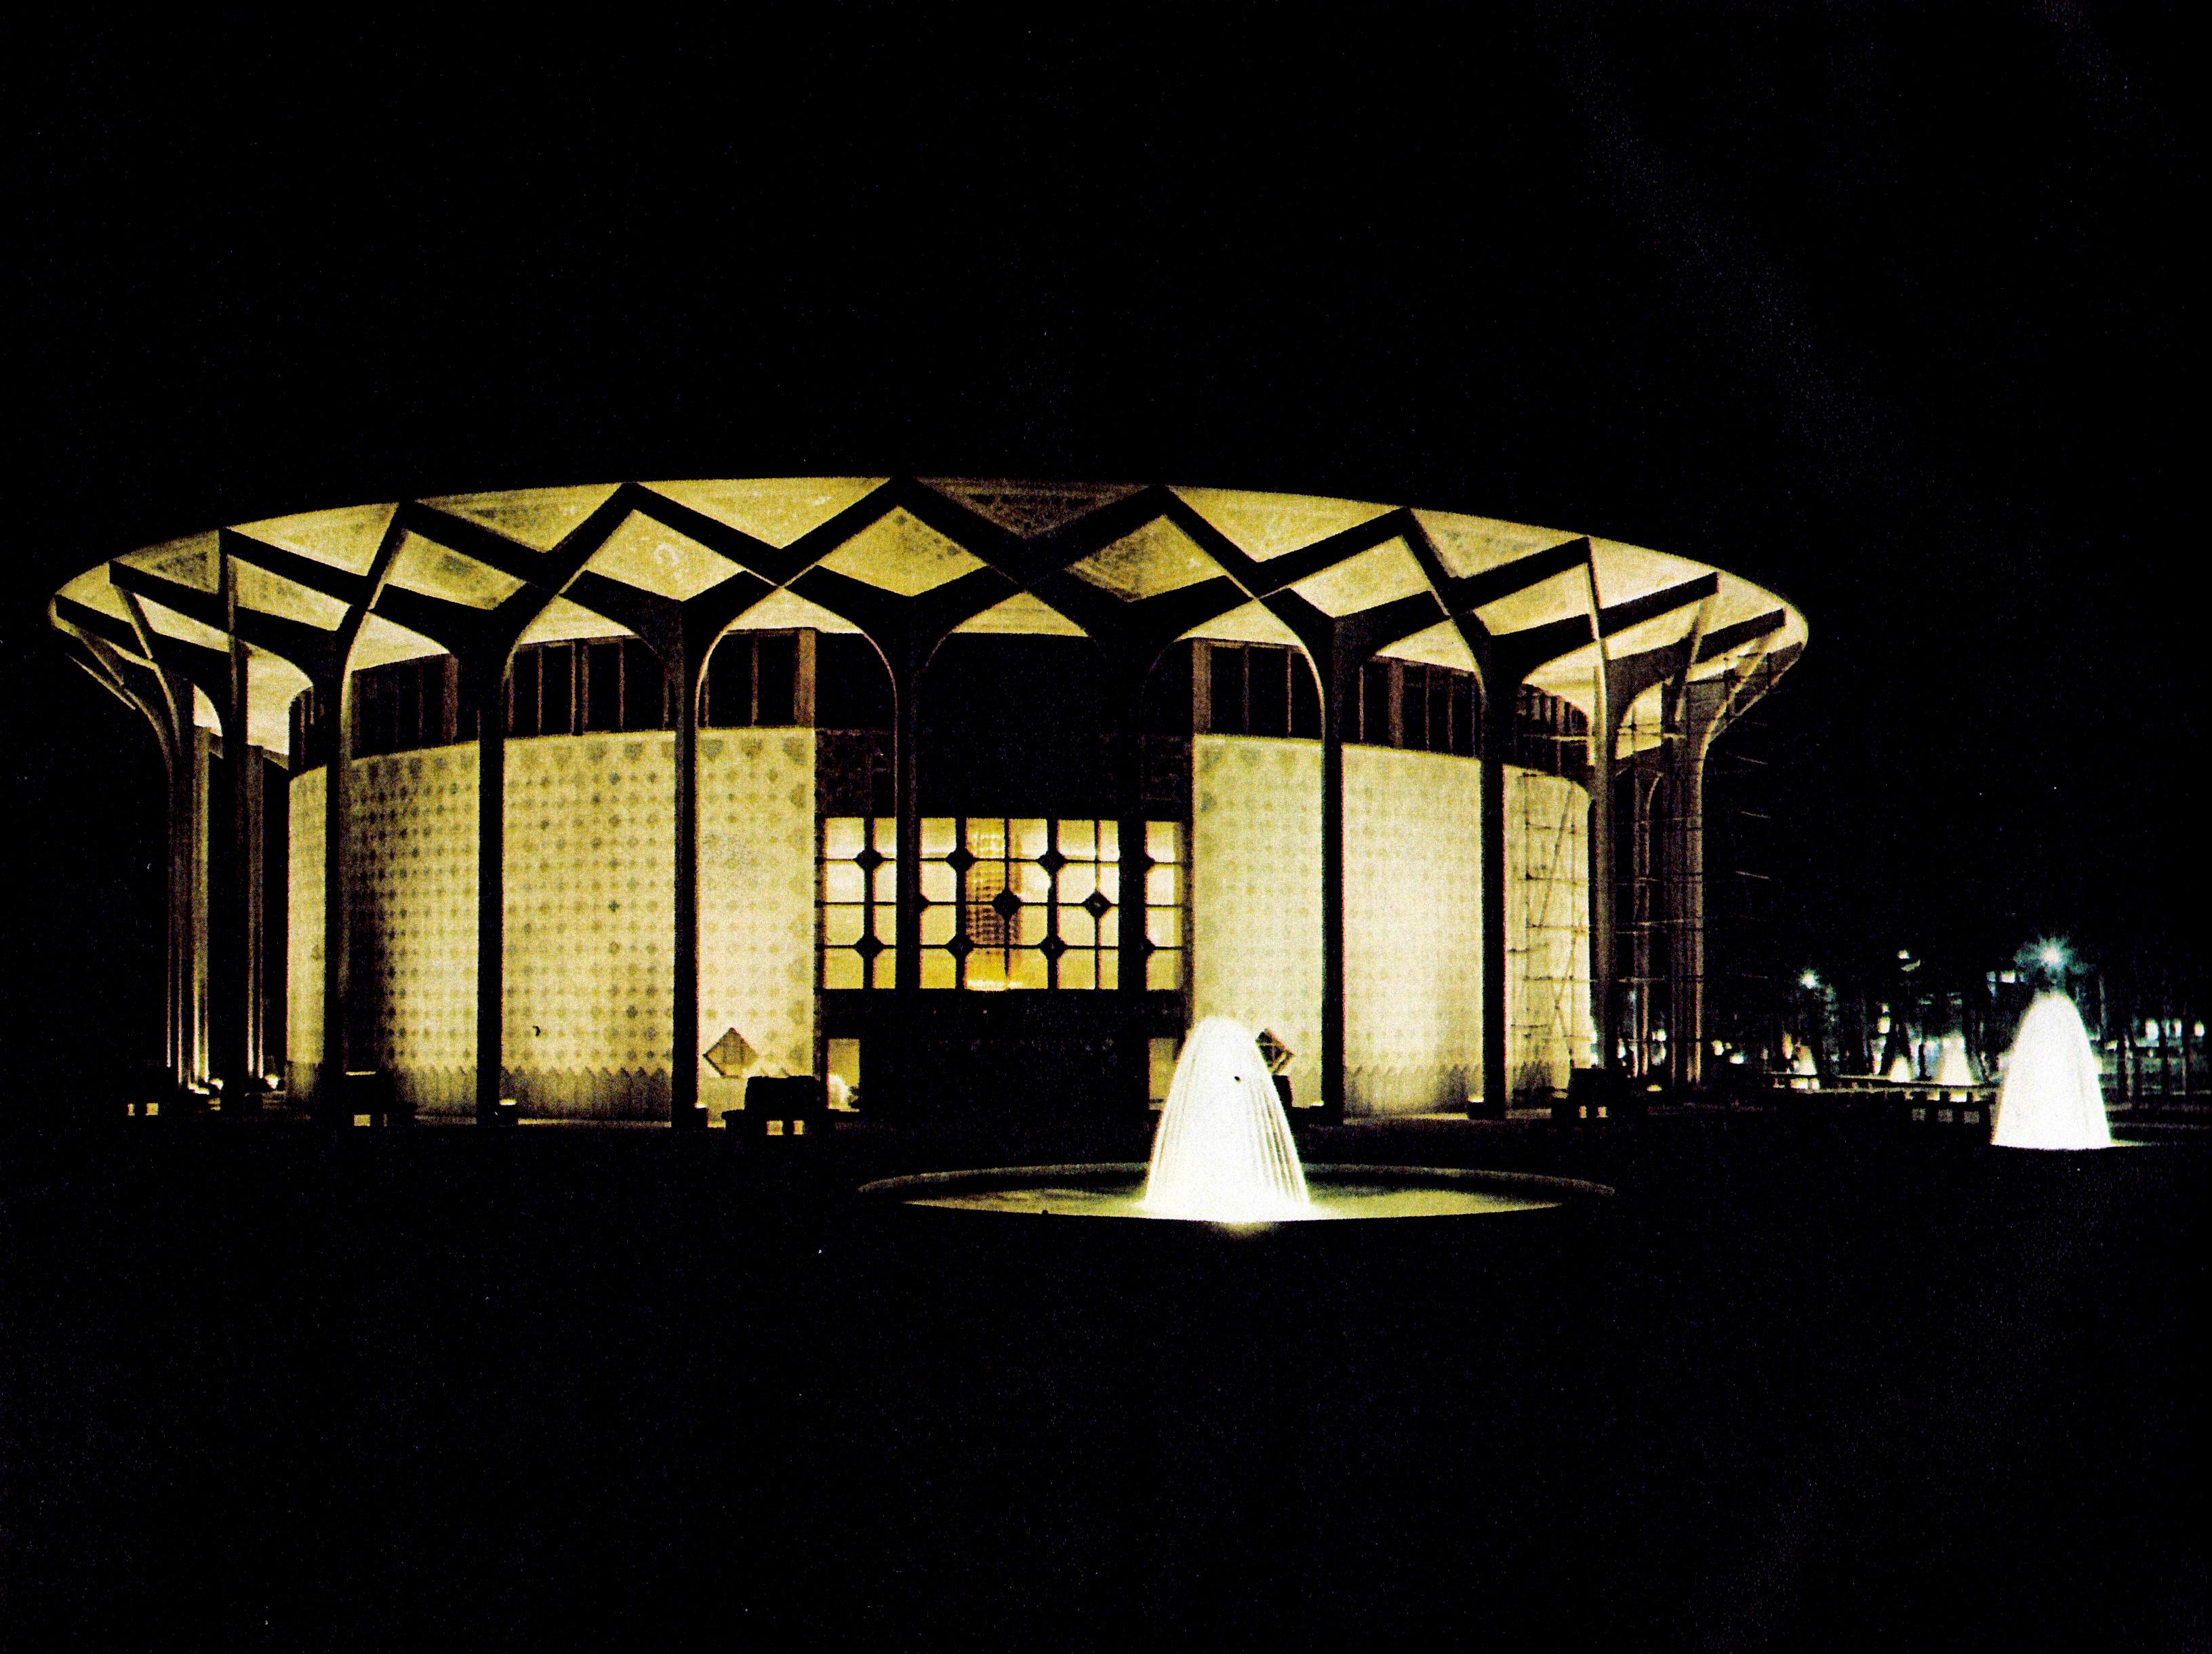 پروژه تئاتر مرکزی شهر